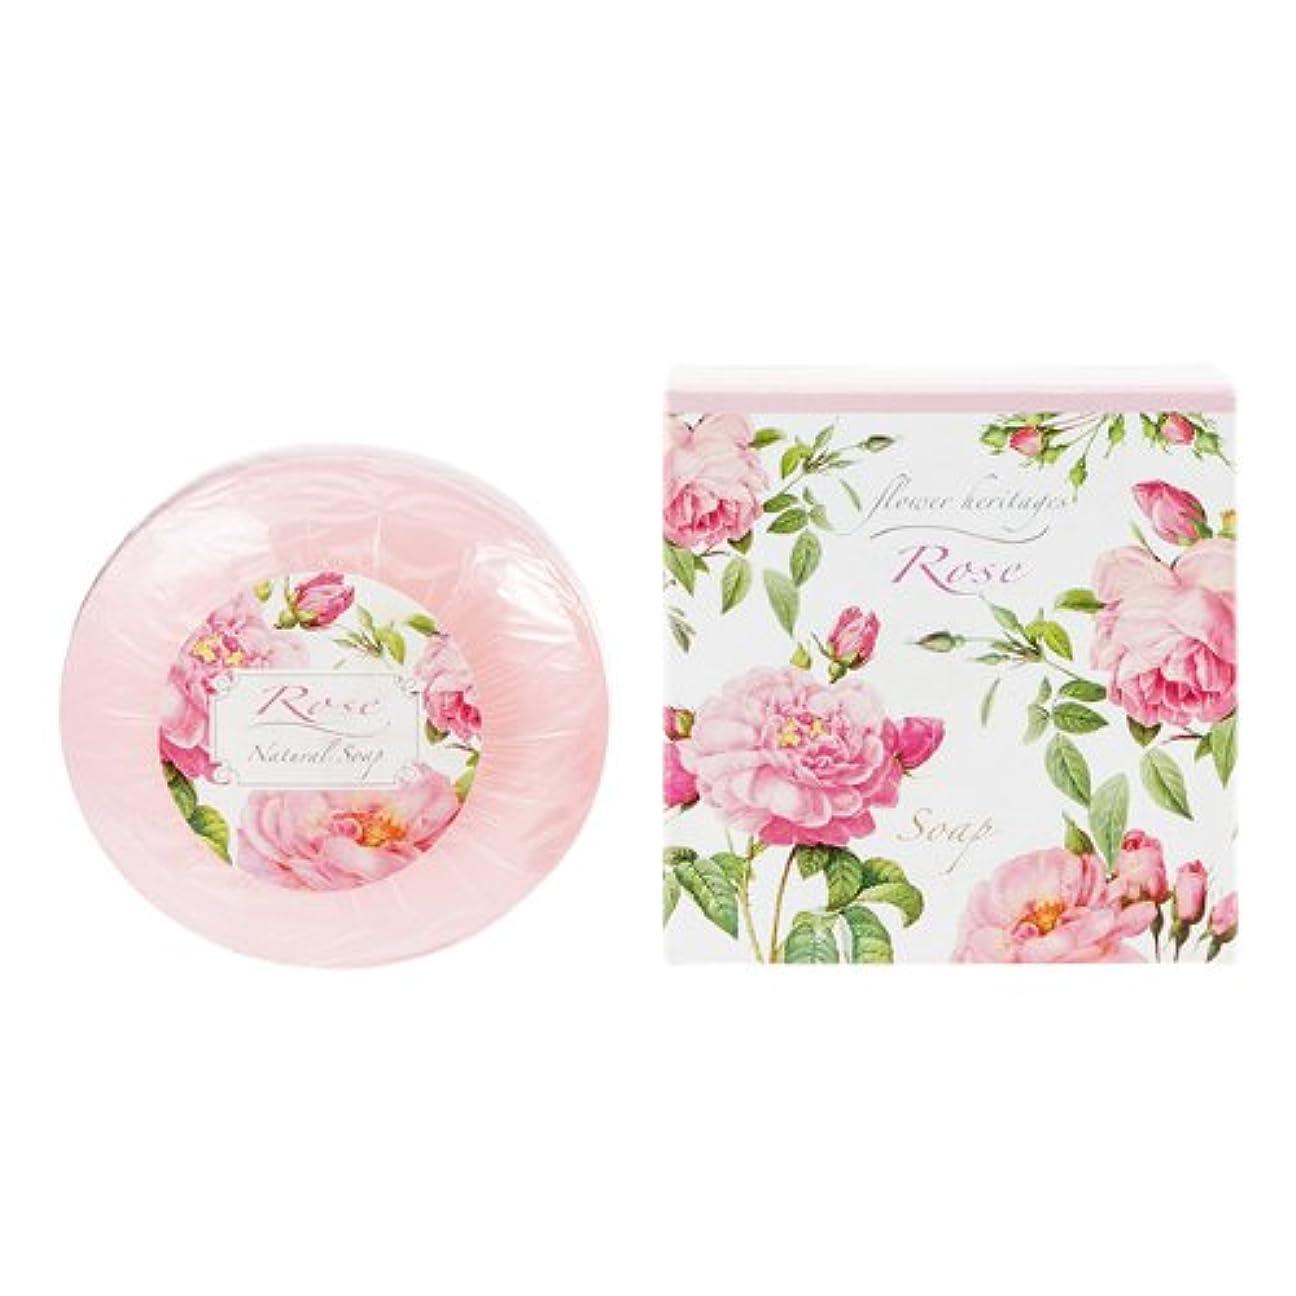 負メドレーグラスネイチャータッチ (Nature Touch) Flower Heritage ソープ120g/ローズ